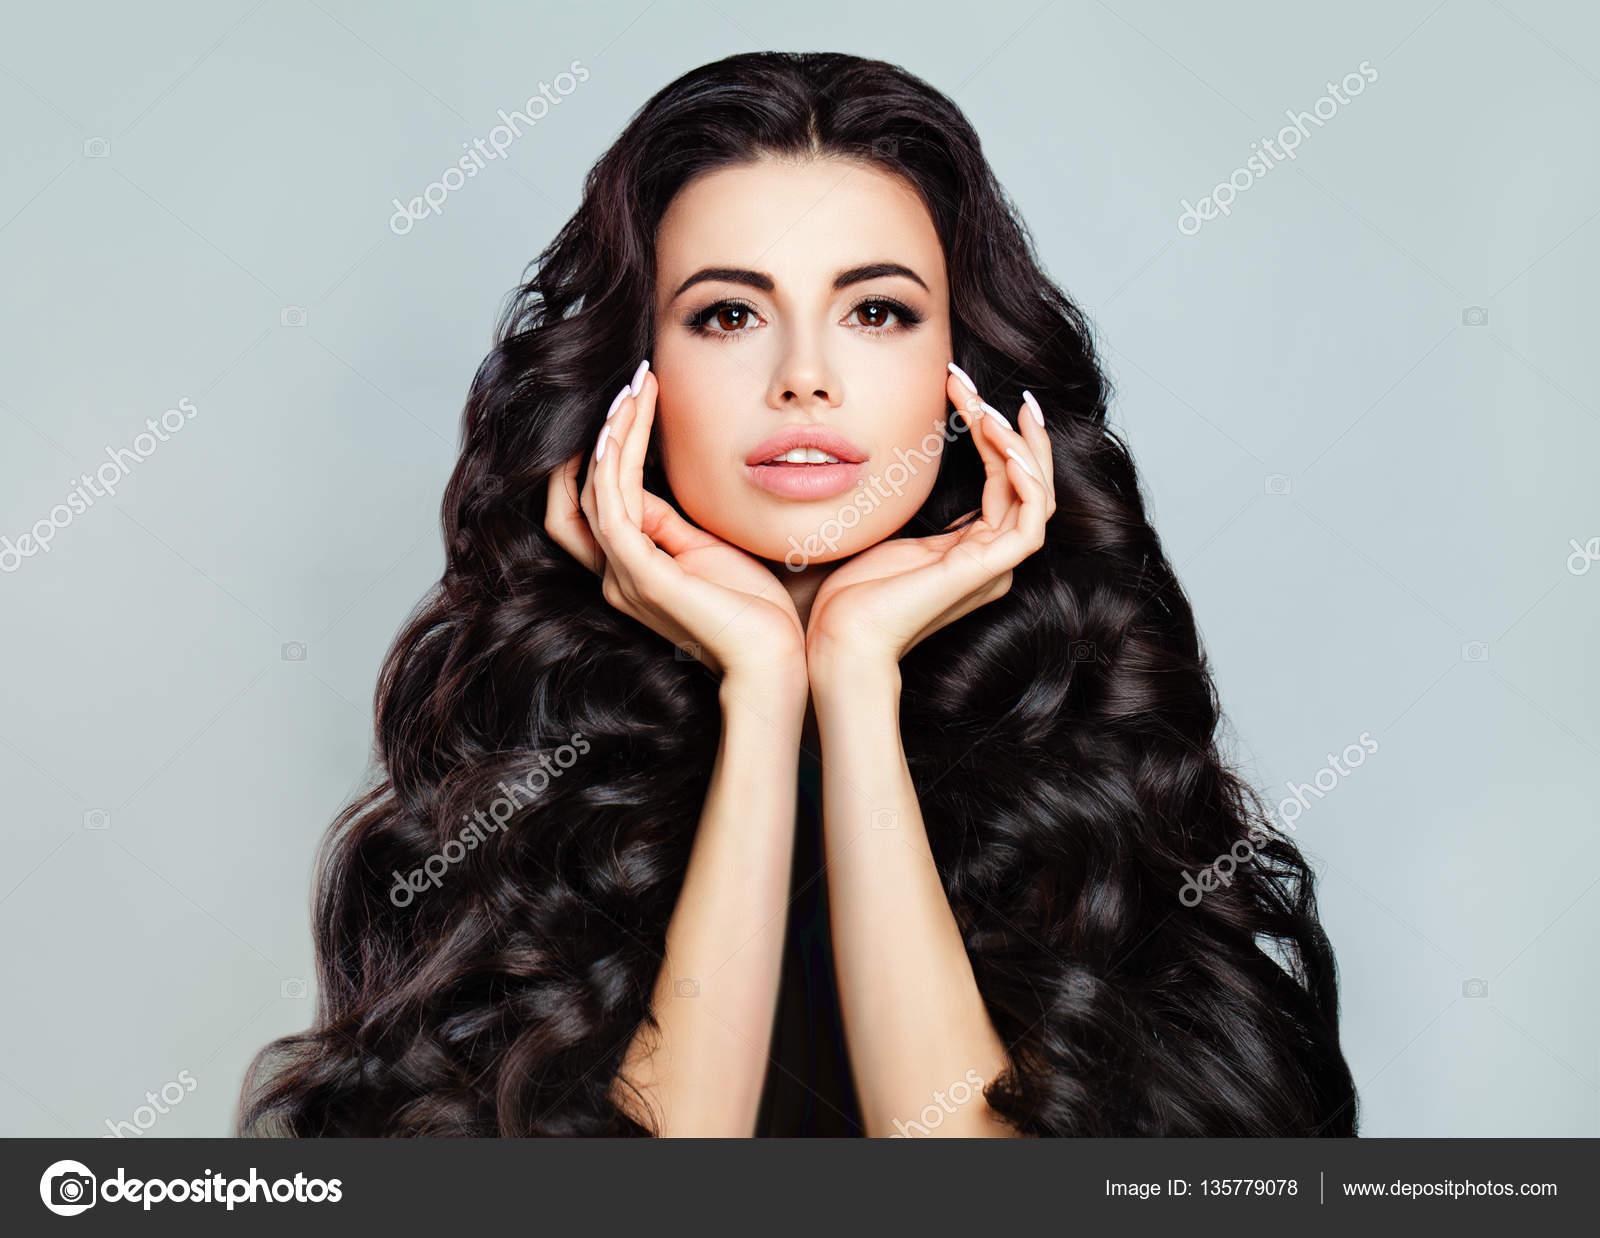 Perfektes Gesicht Junge Schöne Frau Mit Langen Haaren Und Nat